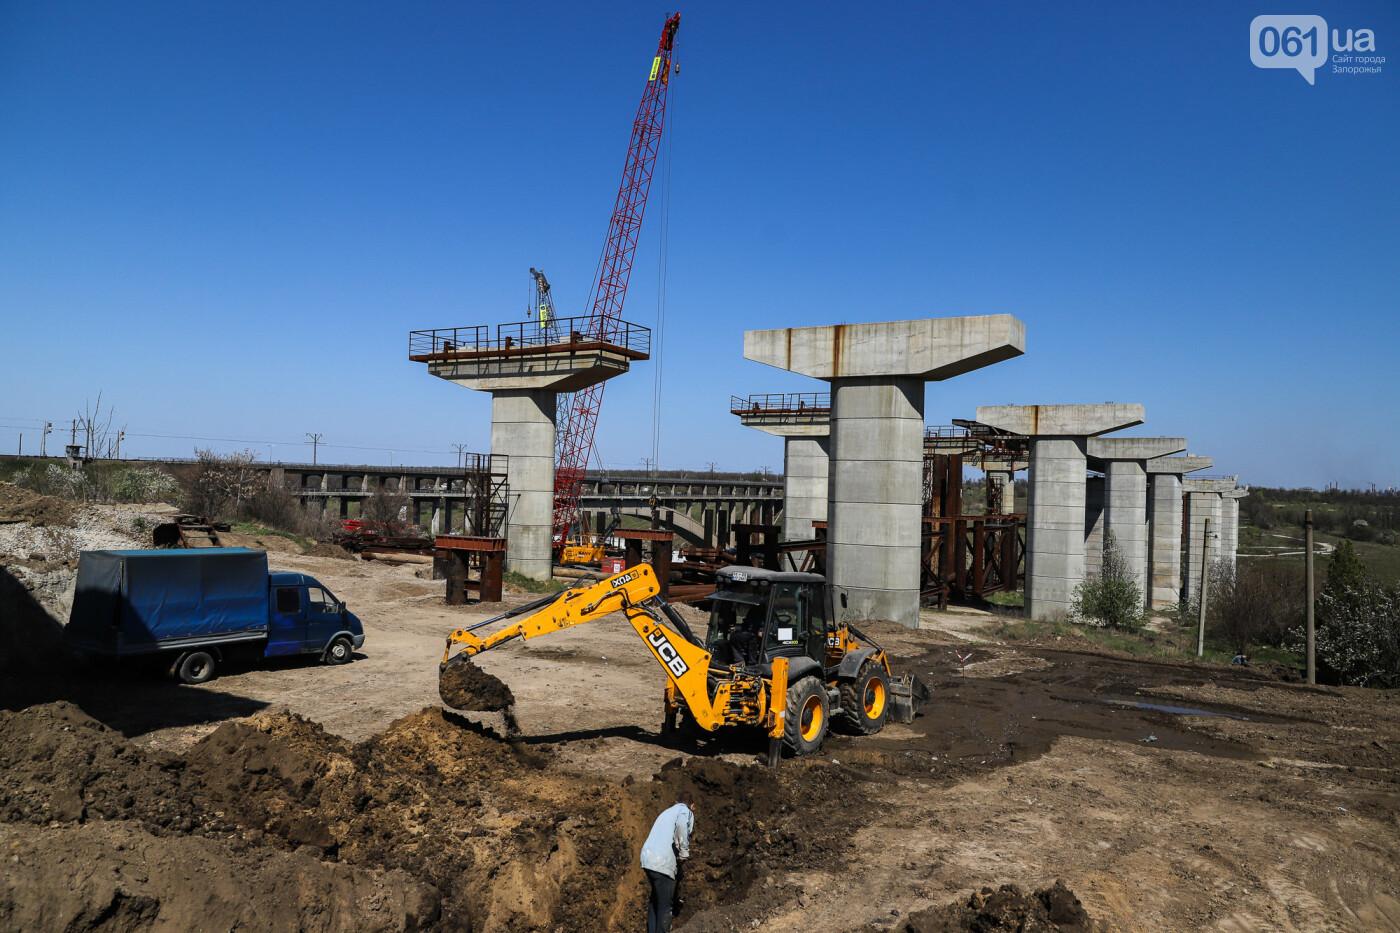 На запорожские мосты выделено 2,7 миллиарда: что сейчас проиходит стройплощадке, - ФОТОРЕПОРТАЖ, фото-46